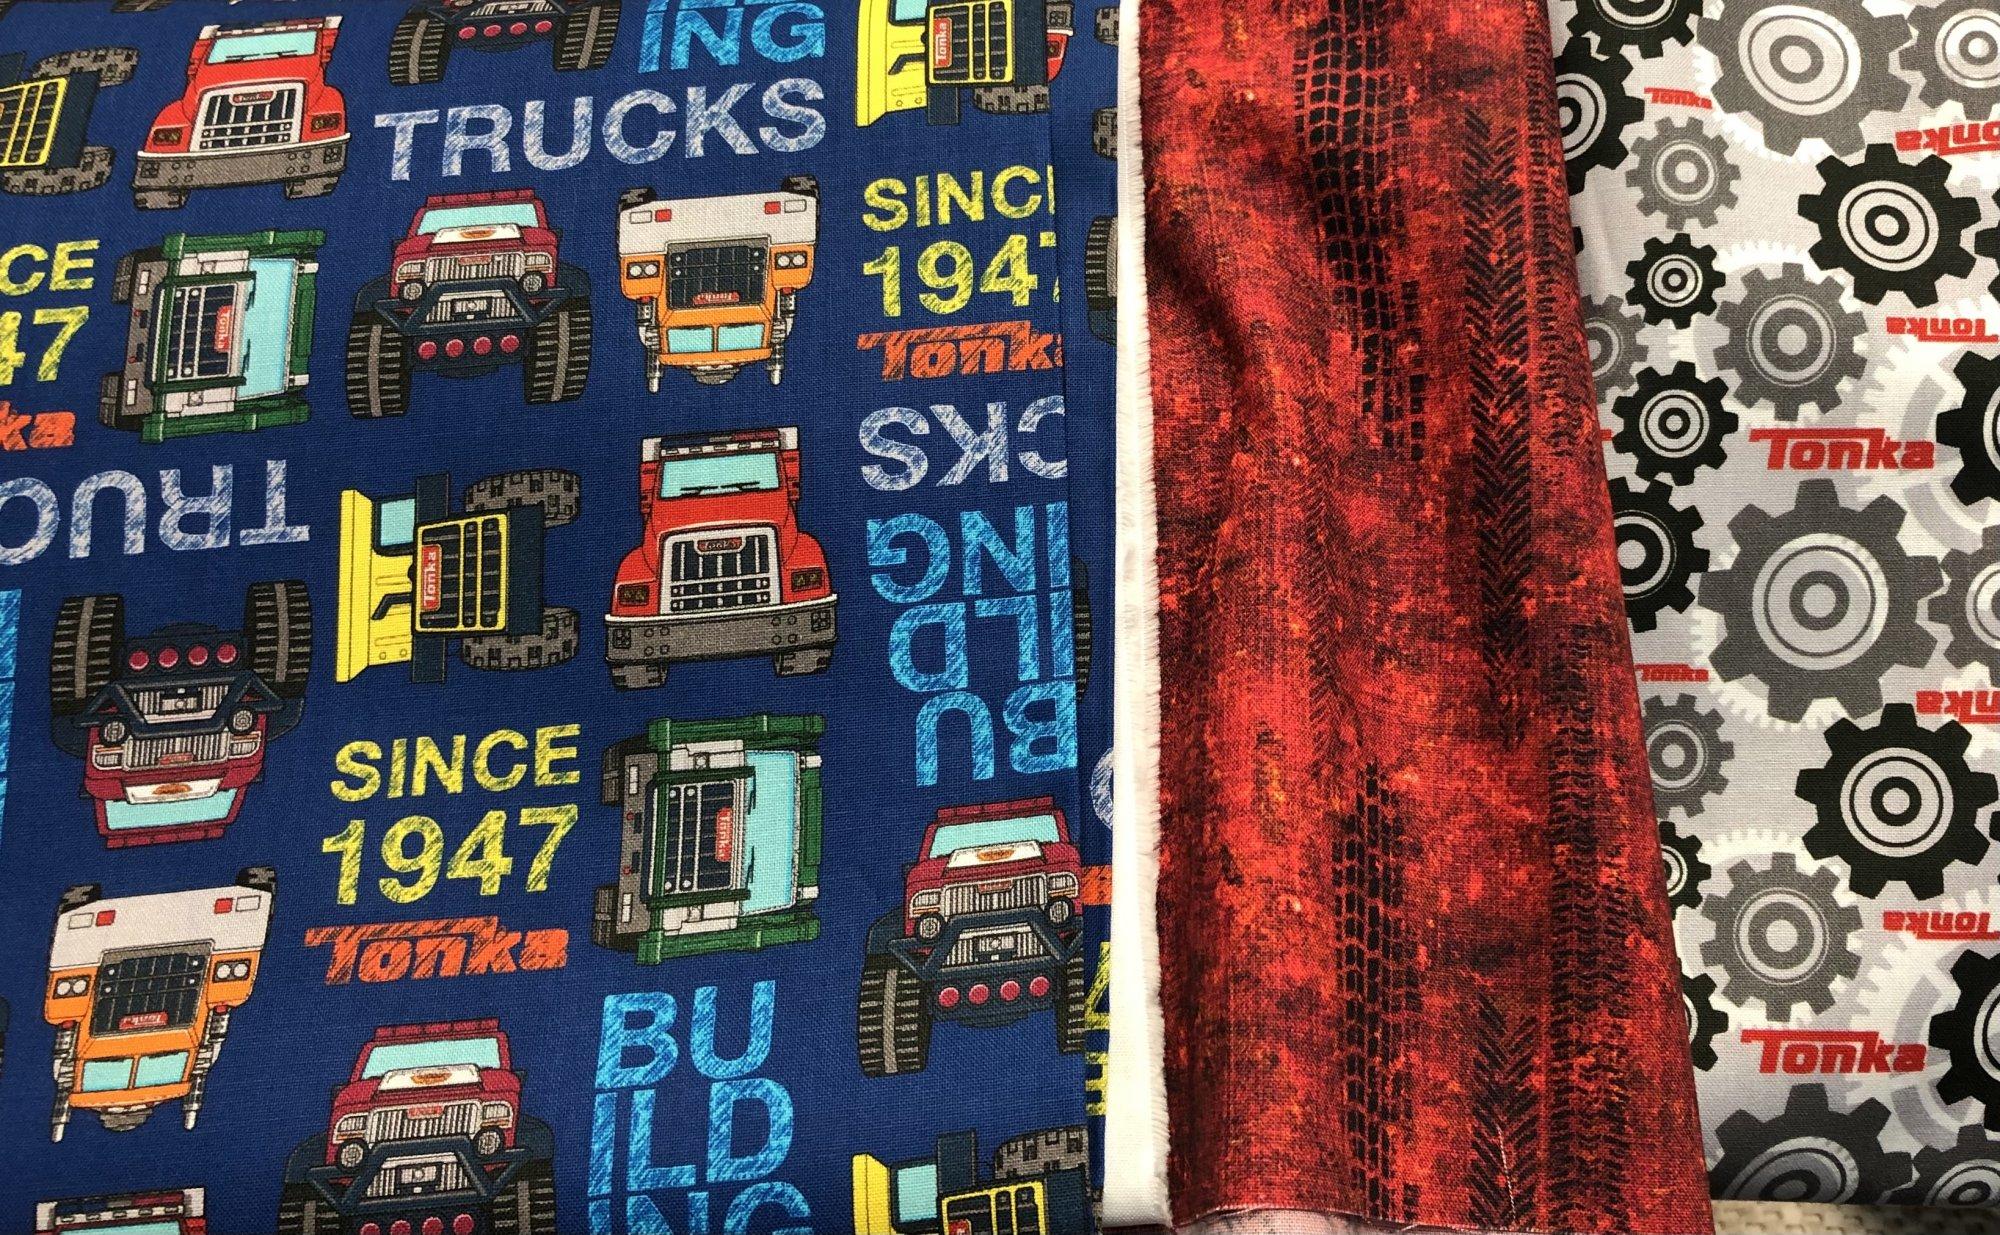 FB W 16 Tonka Trucks 3 Yard Quilt Kit